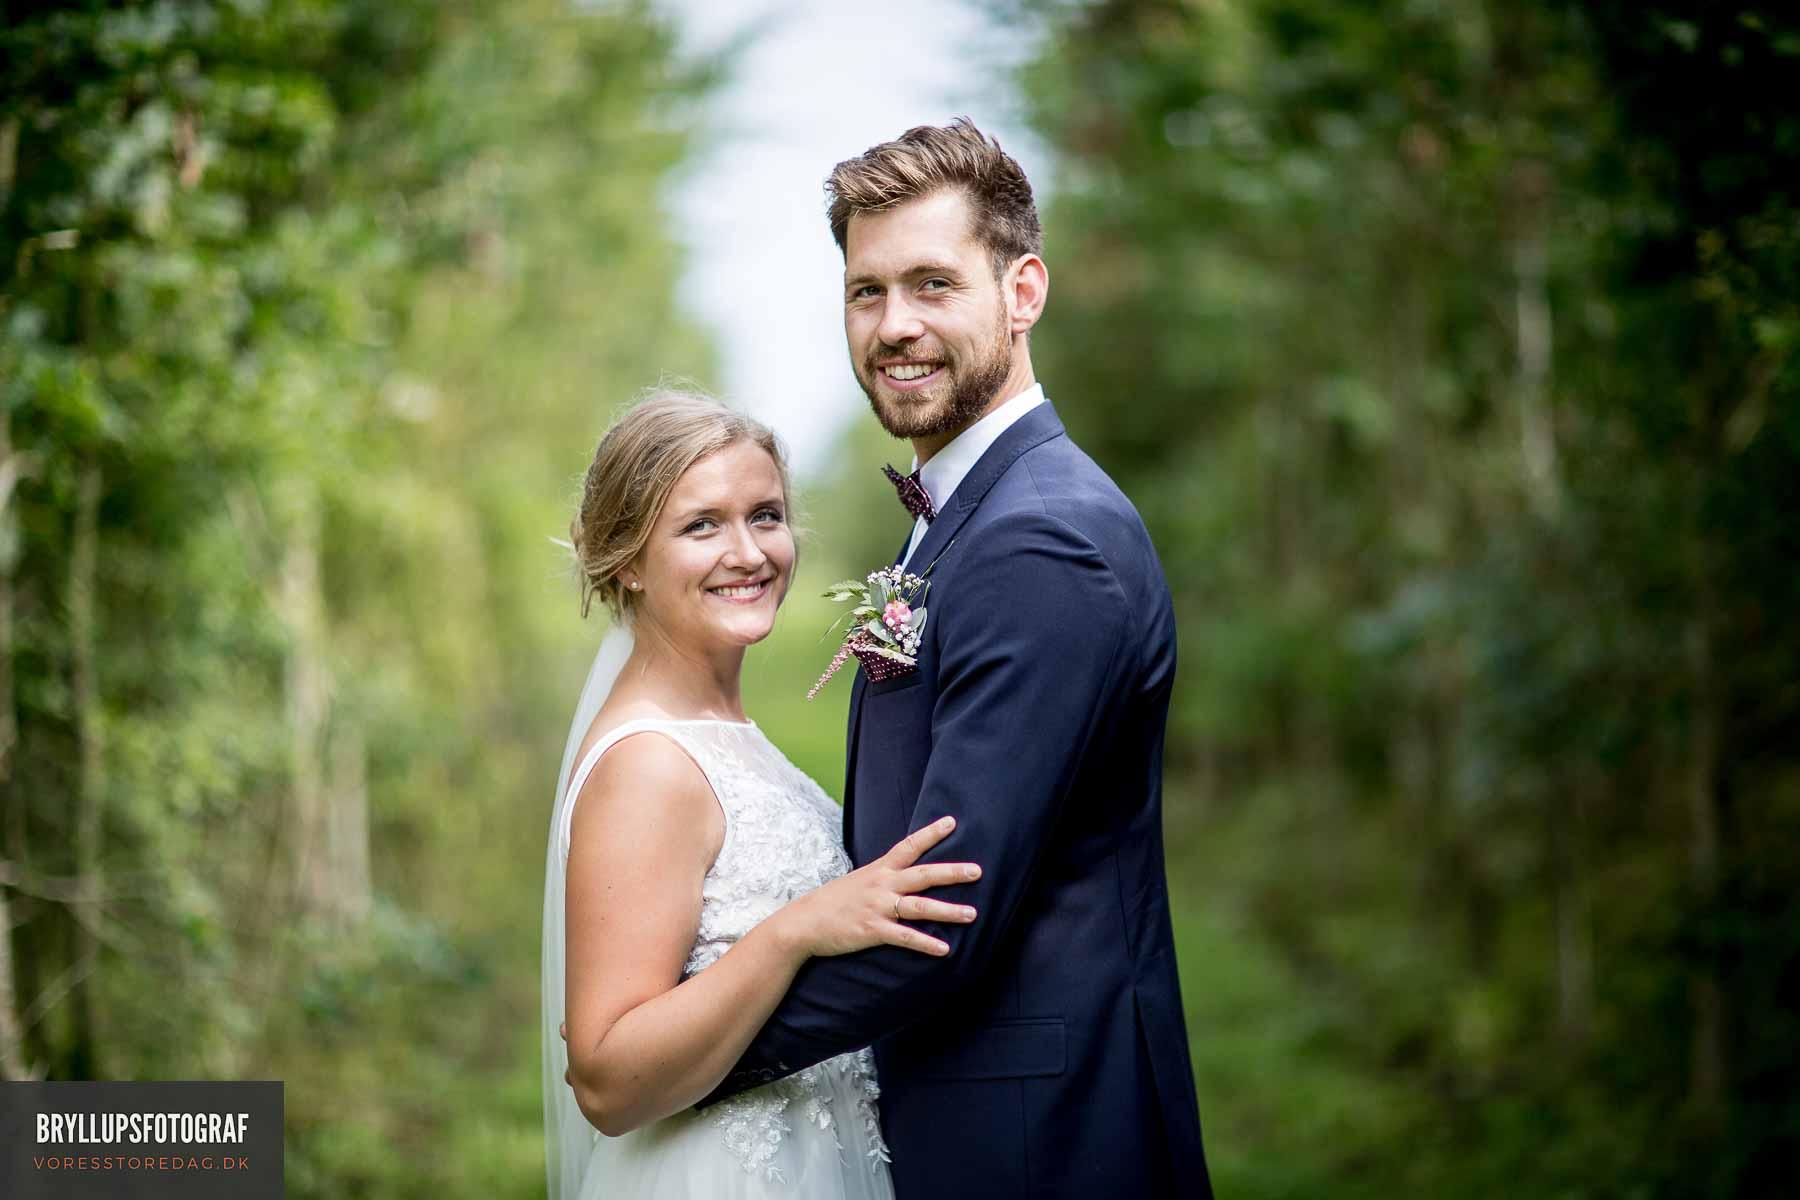 Jeg vil ikke nøjes med at dokumentere hvordan jeres bryllupsdag